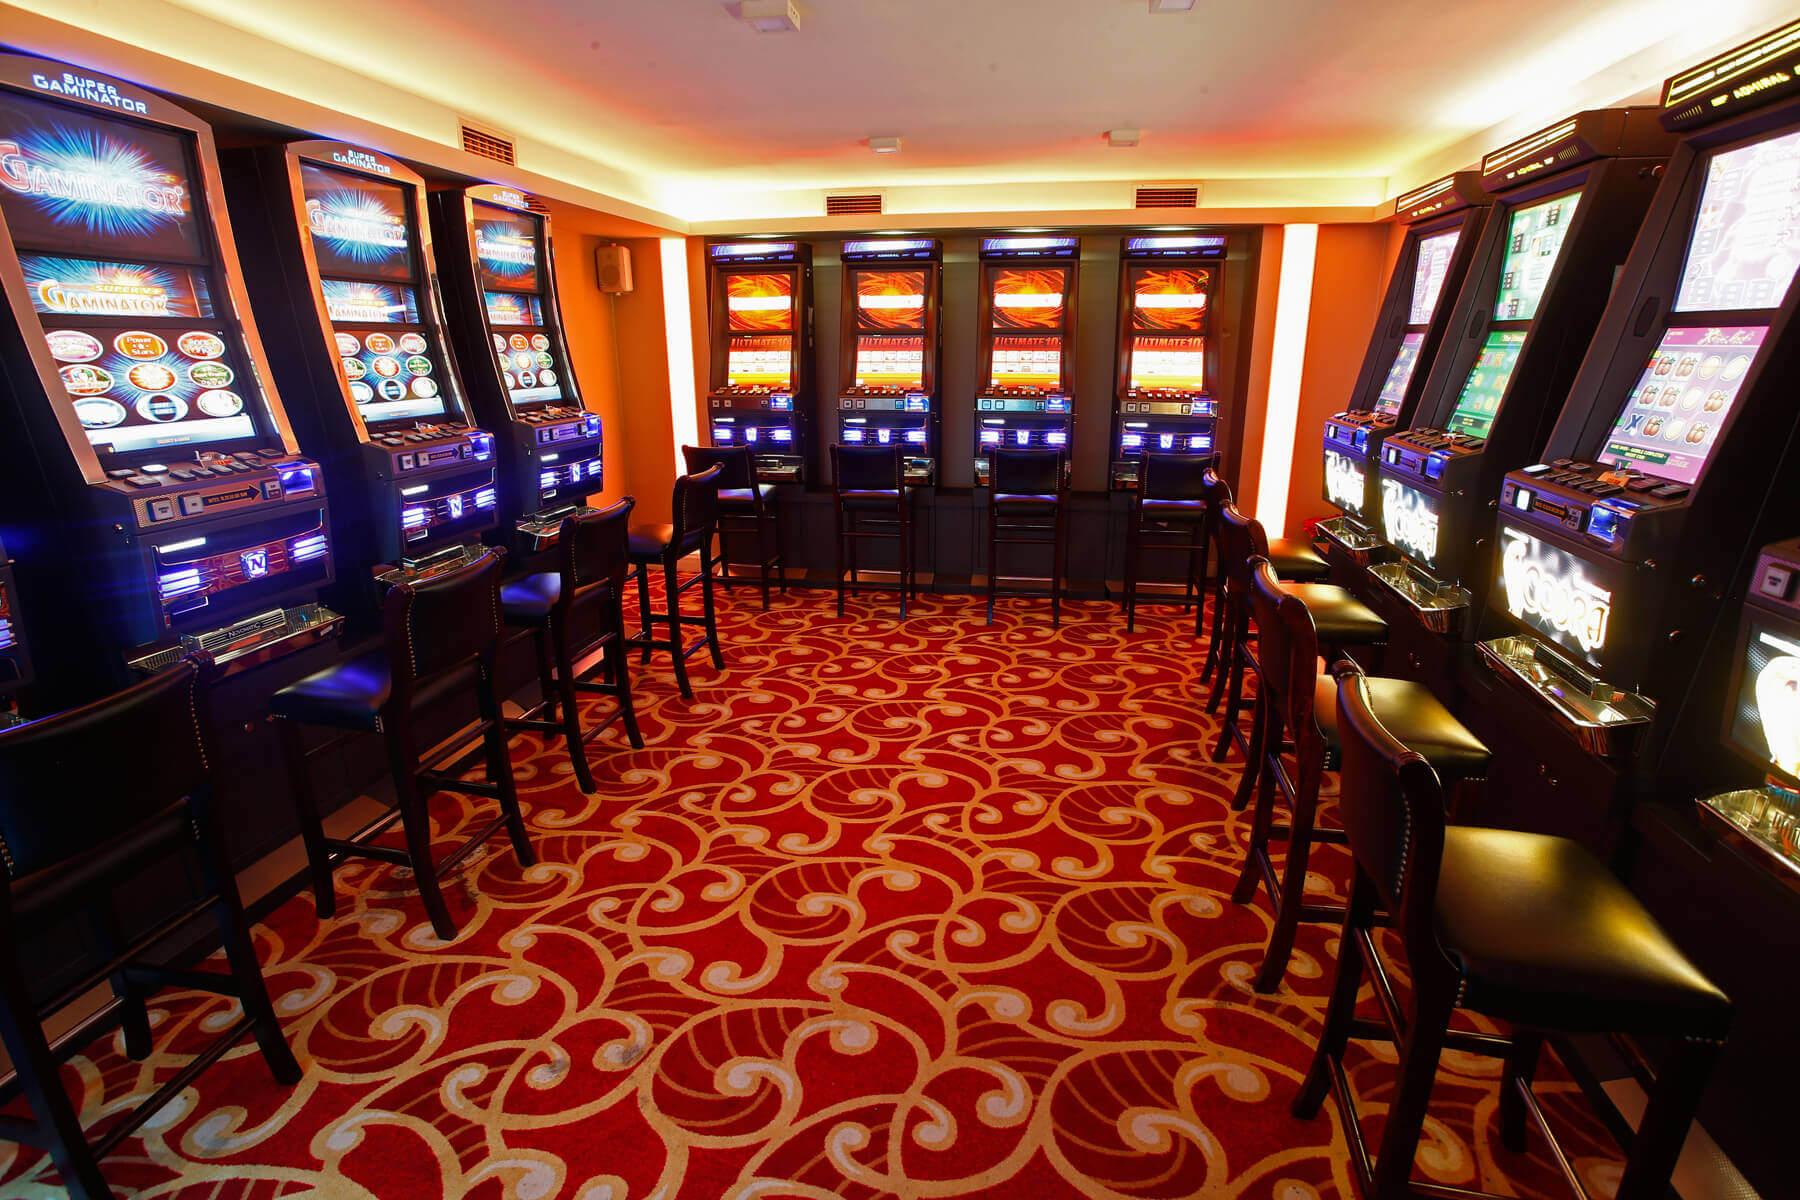 Rox   Benzinske pumpe   Hotel   Casino   Lounge bar